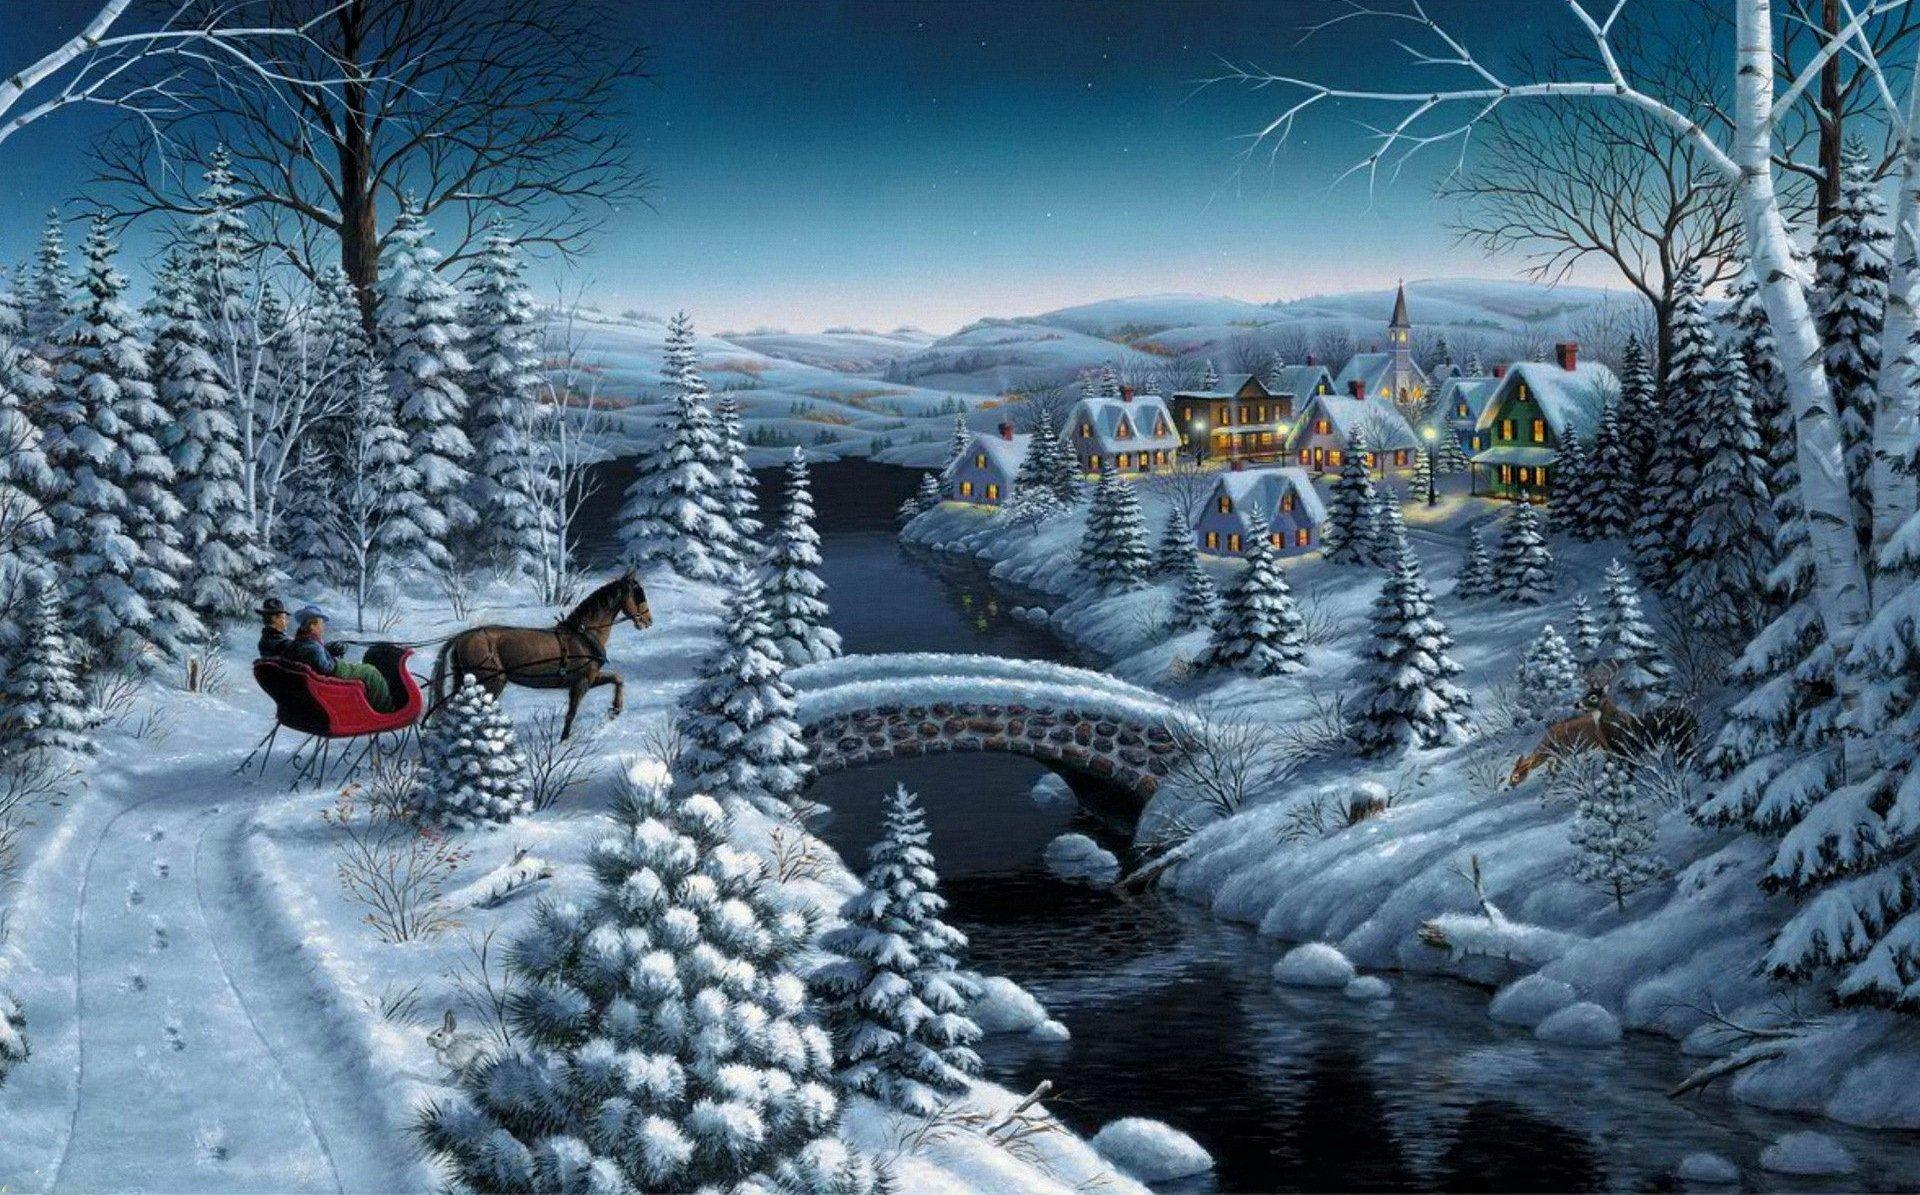 скрапбукинге последнее красивые зимние картинки на экран дмитрий часто шутил